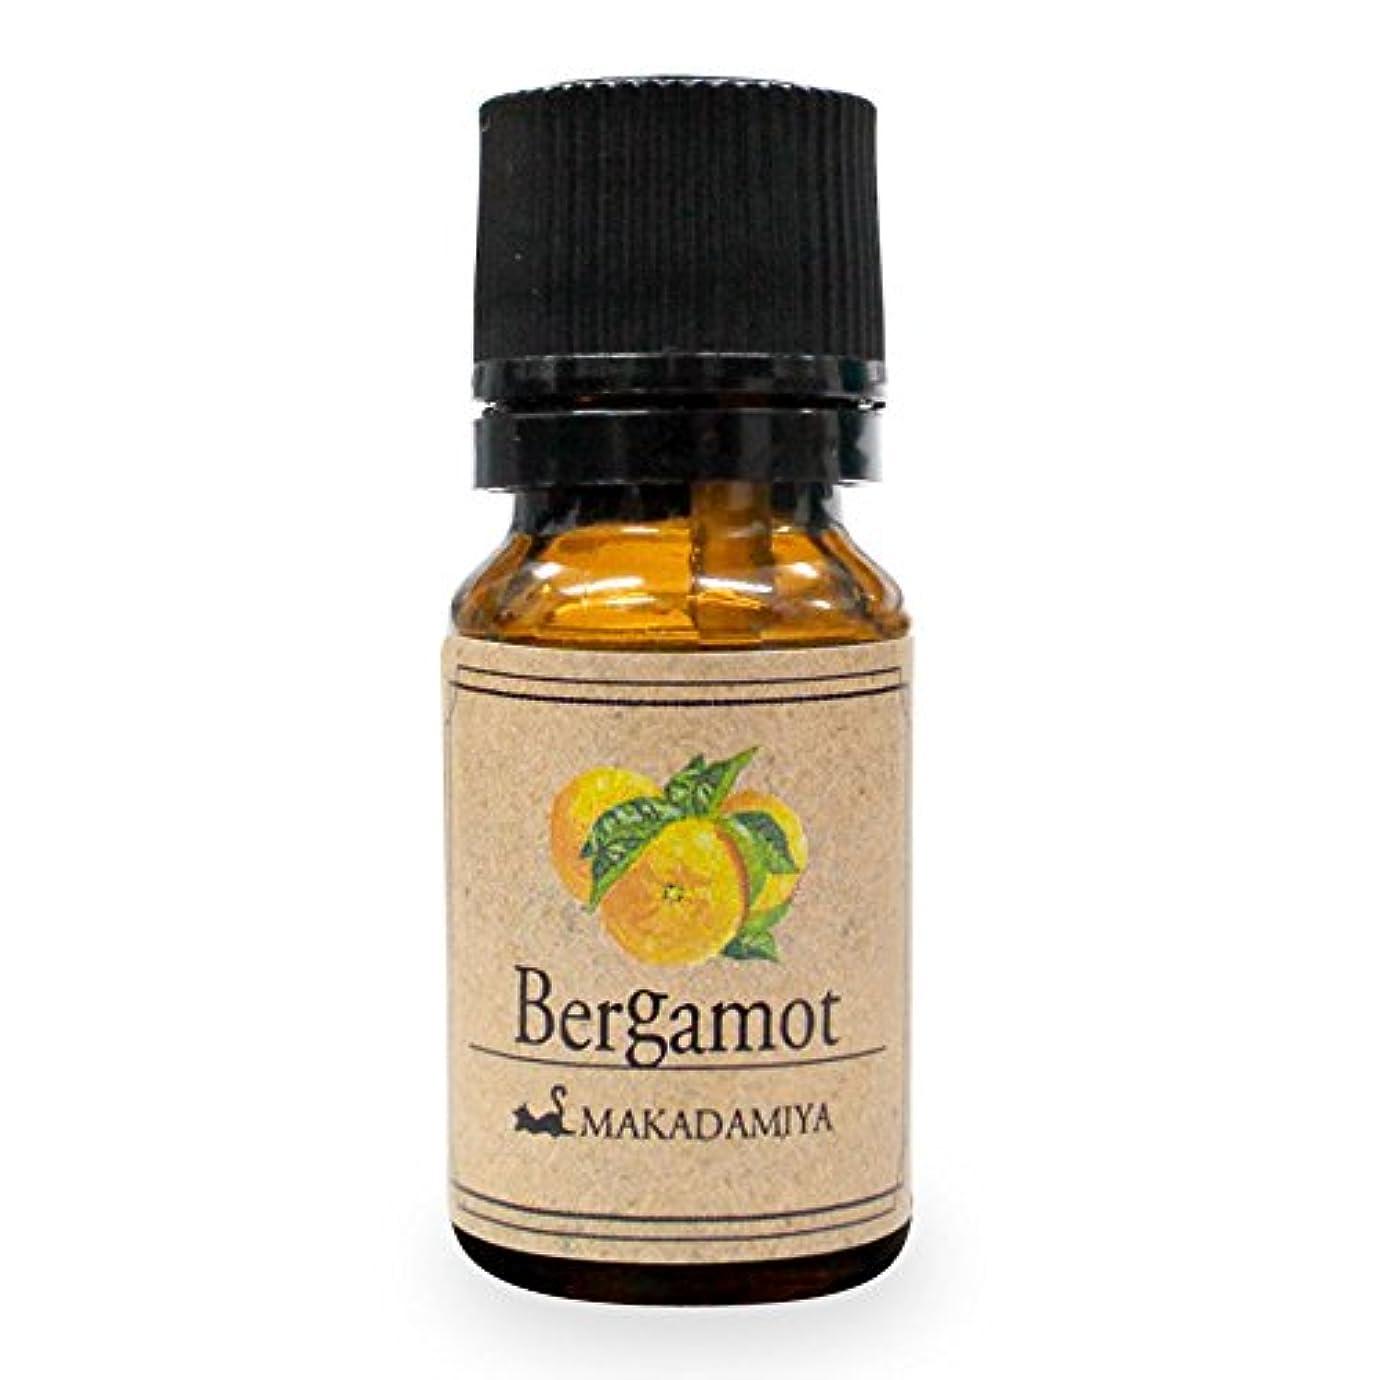 遊びます証人メディックベルガモット10ml 天然100%植物性 エッセンシャルオイル(精油) アロマオイル アロママッサージ aroma Bergamot